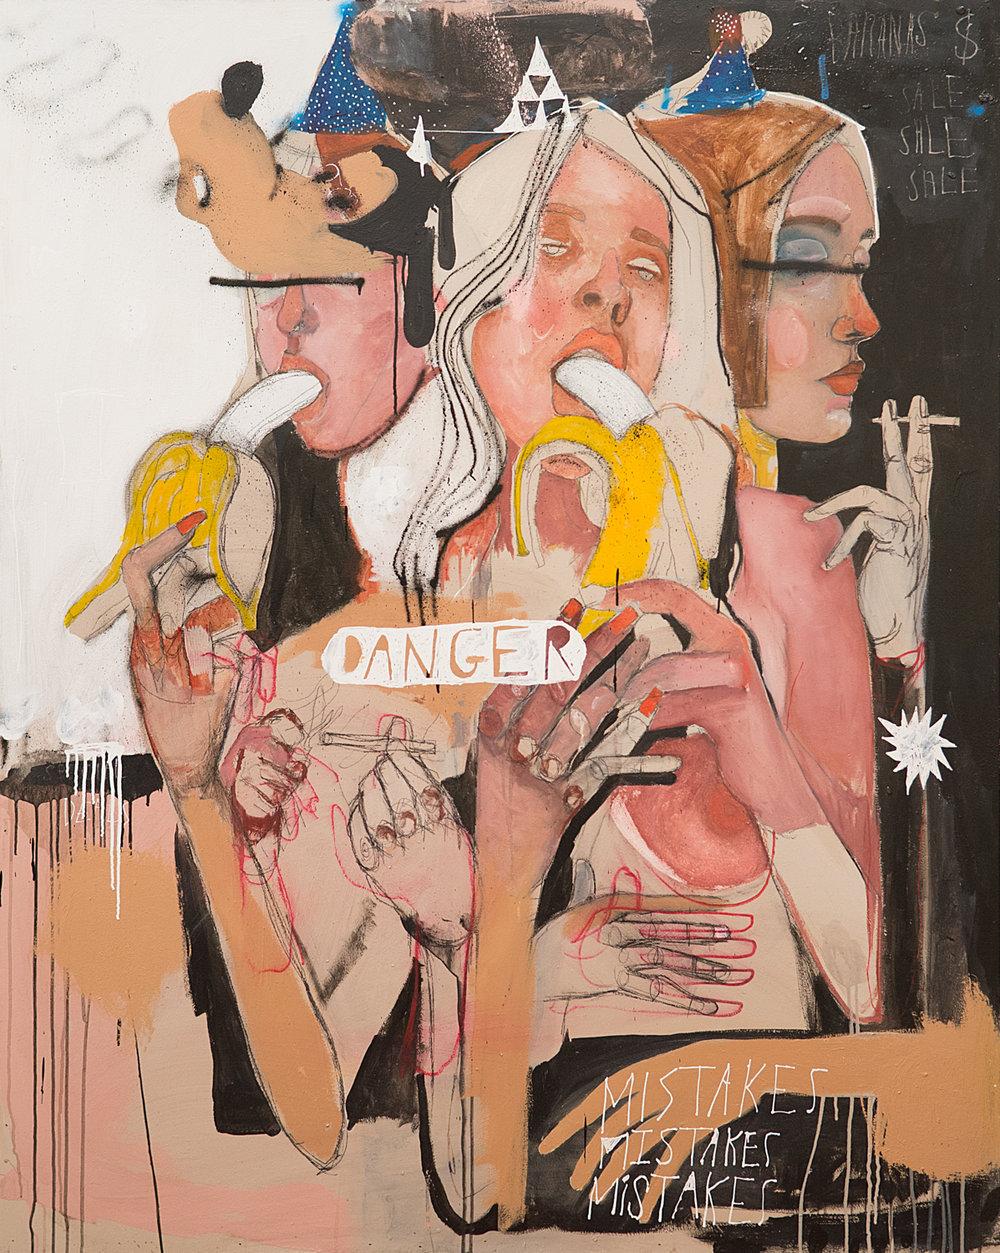 John Sarkis - Danger